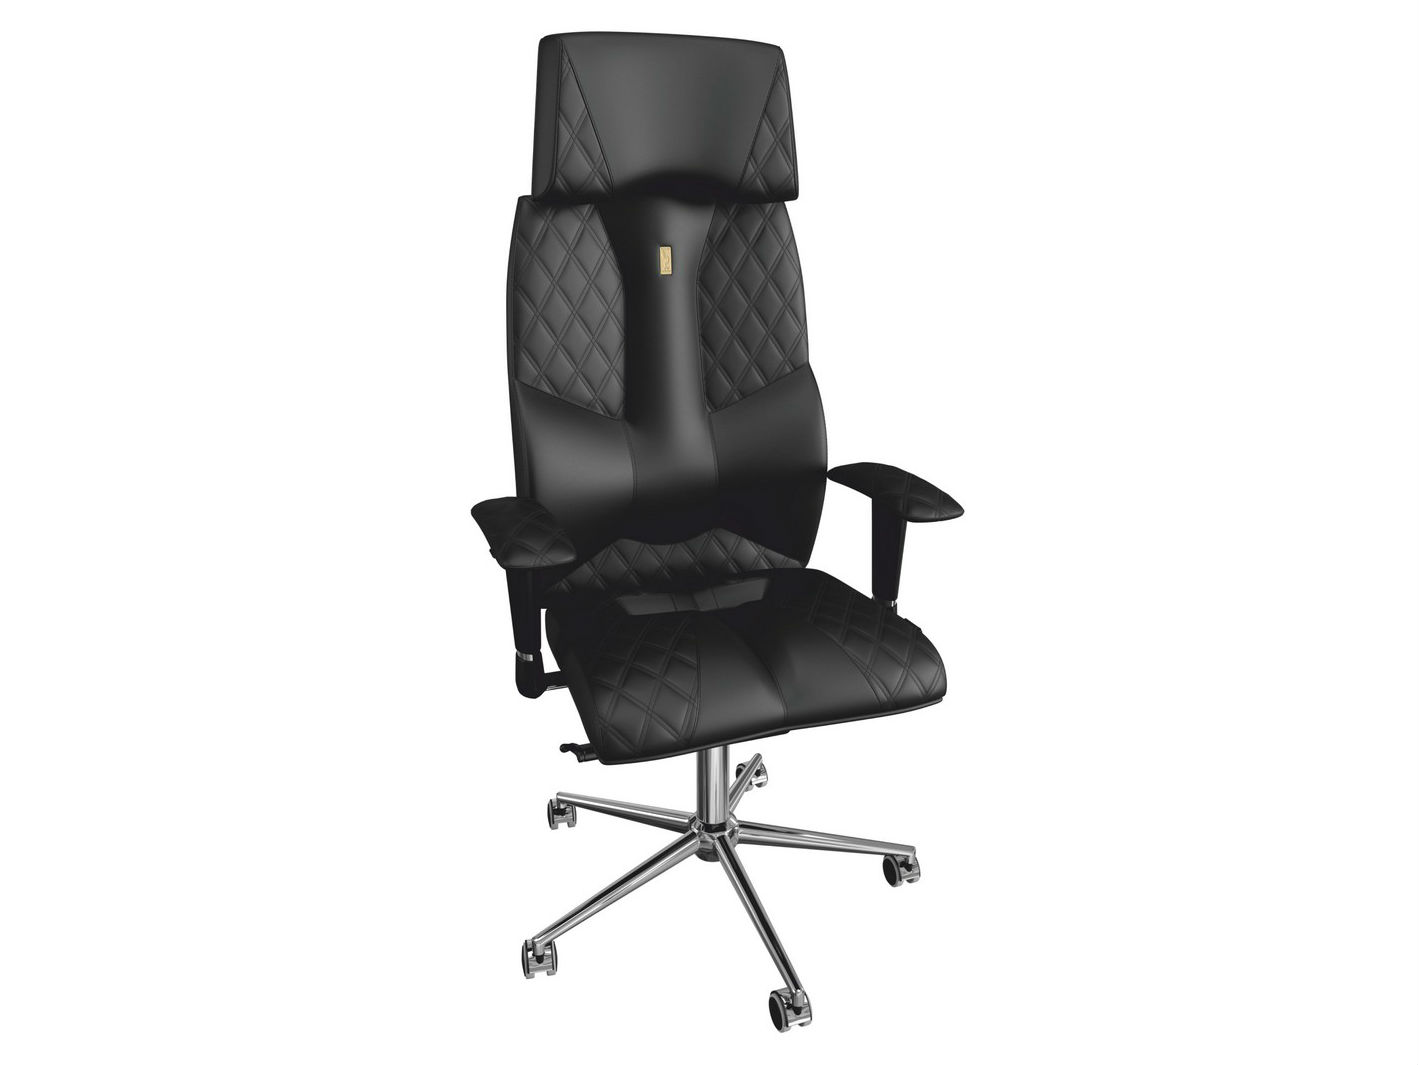 Кресло BUSINESSРабочие кресла<br>Совершенное сочетание элегантного дизайна и превосходного удобства. Благодаря особой спинке, которая поддерживает вас, и мягким регулируемым подлокотникам, это кресло способно создавать особую атмосферу комфорта на рабочем месте.&amp;amp;nbsp;<br><br>Material: Кожа<br>Ширина см: 72<br>Высота см: 149<br>Глубина см: 54